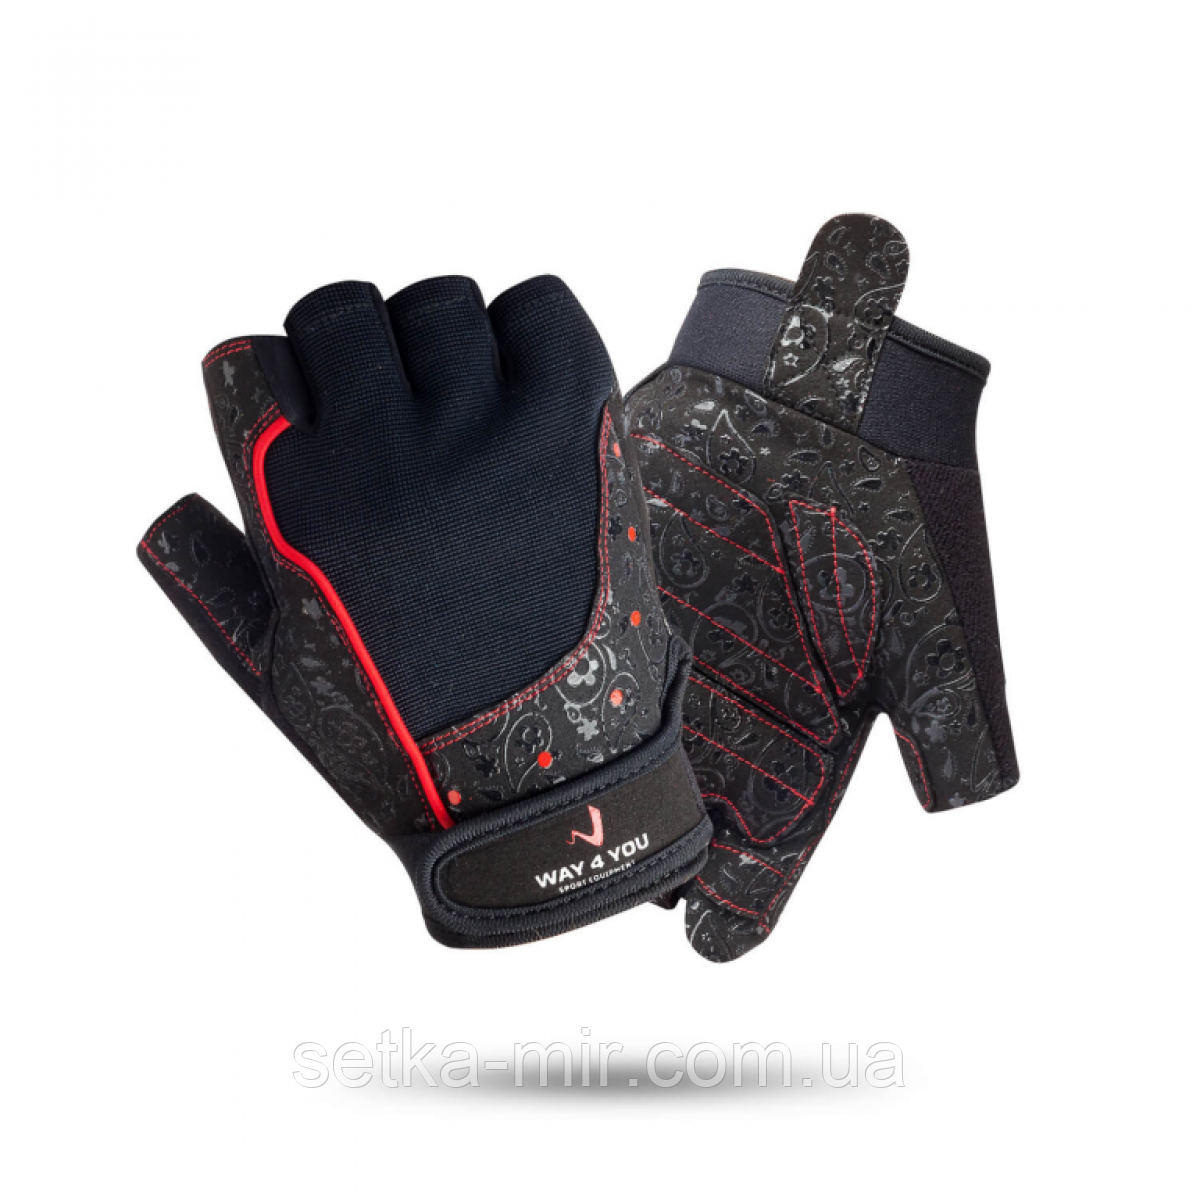 Перчатки для фитнеса Женские Black 1736